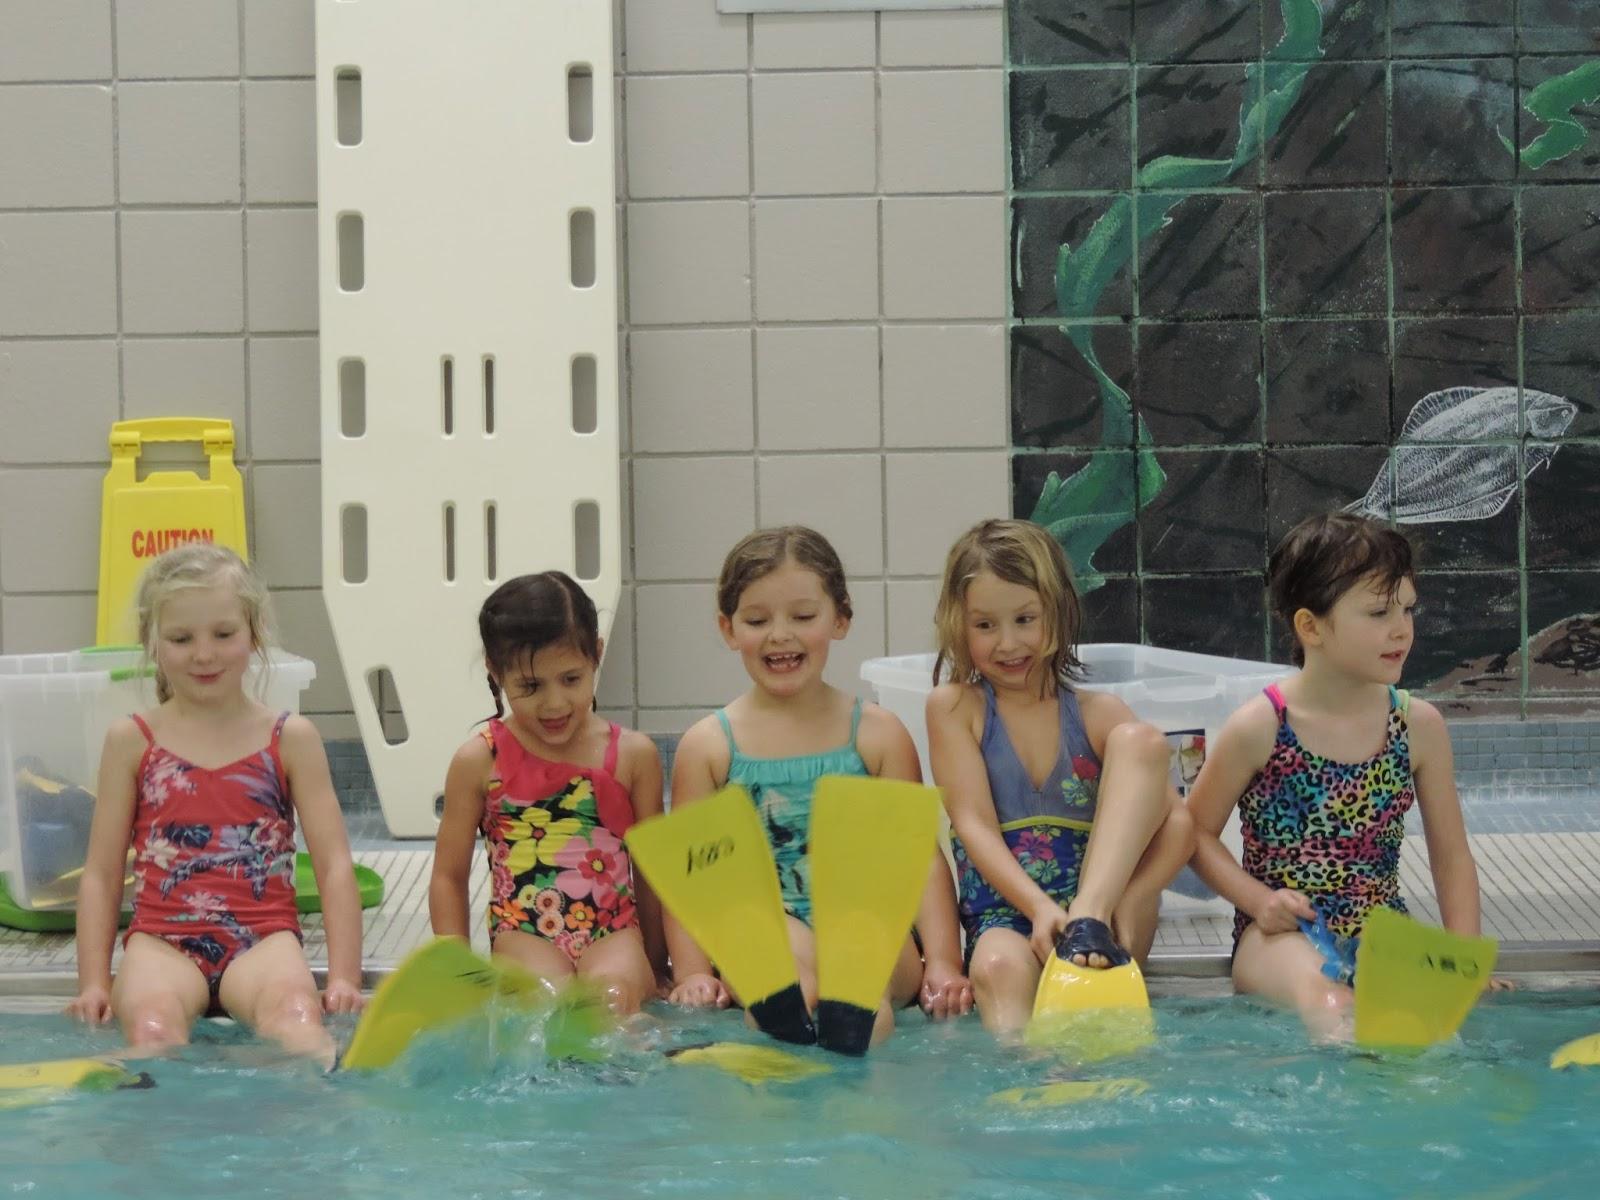 Les voyelles en cursive des palmes la piscine et des - Nager en piscine avec des palmes ...